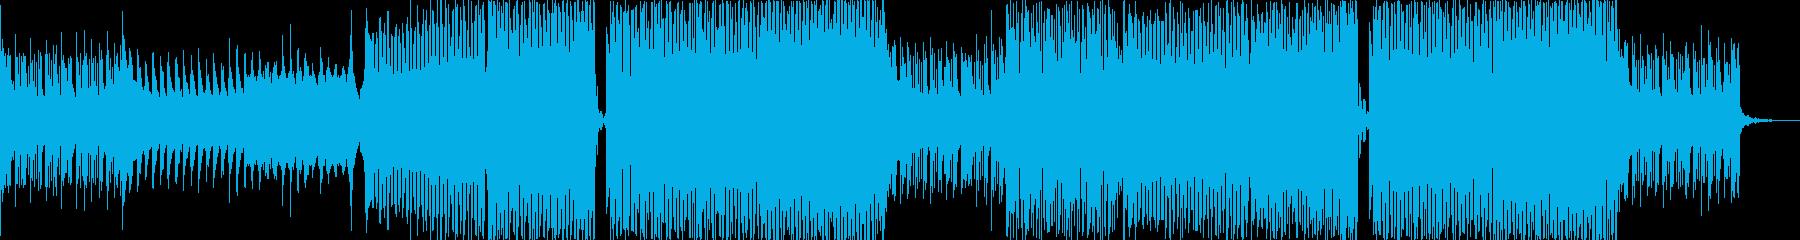 フェス感のあるエレクトロハウスの再生済みの波形